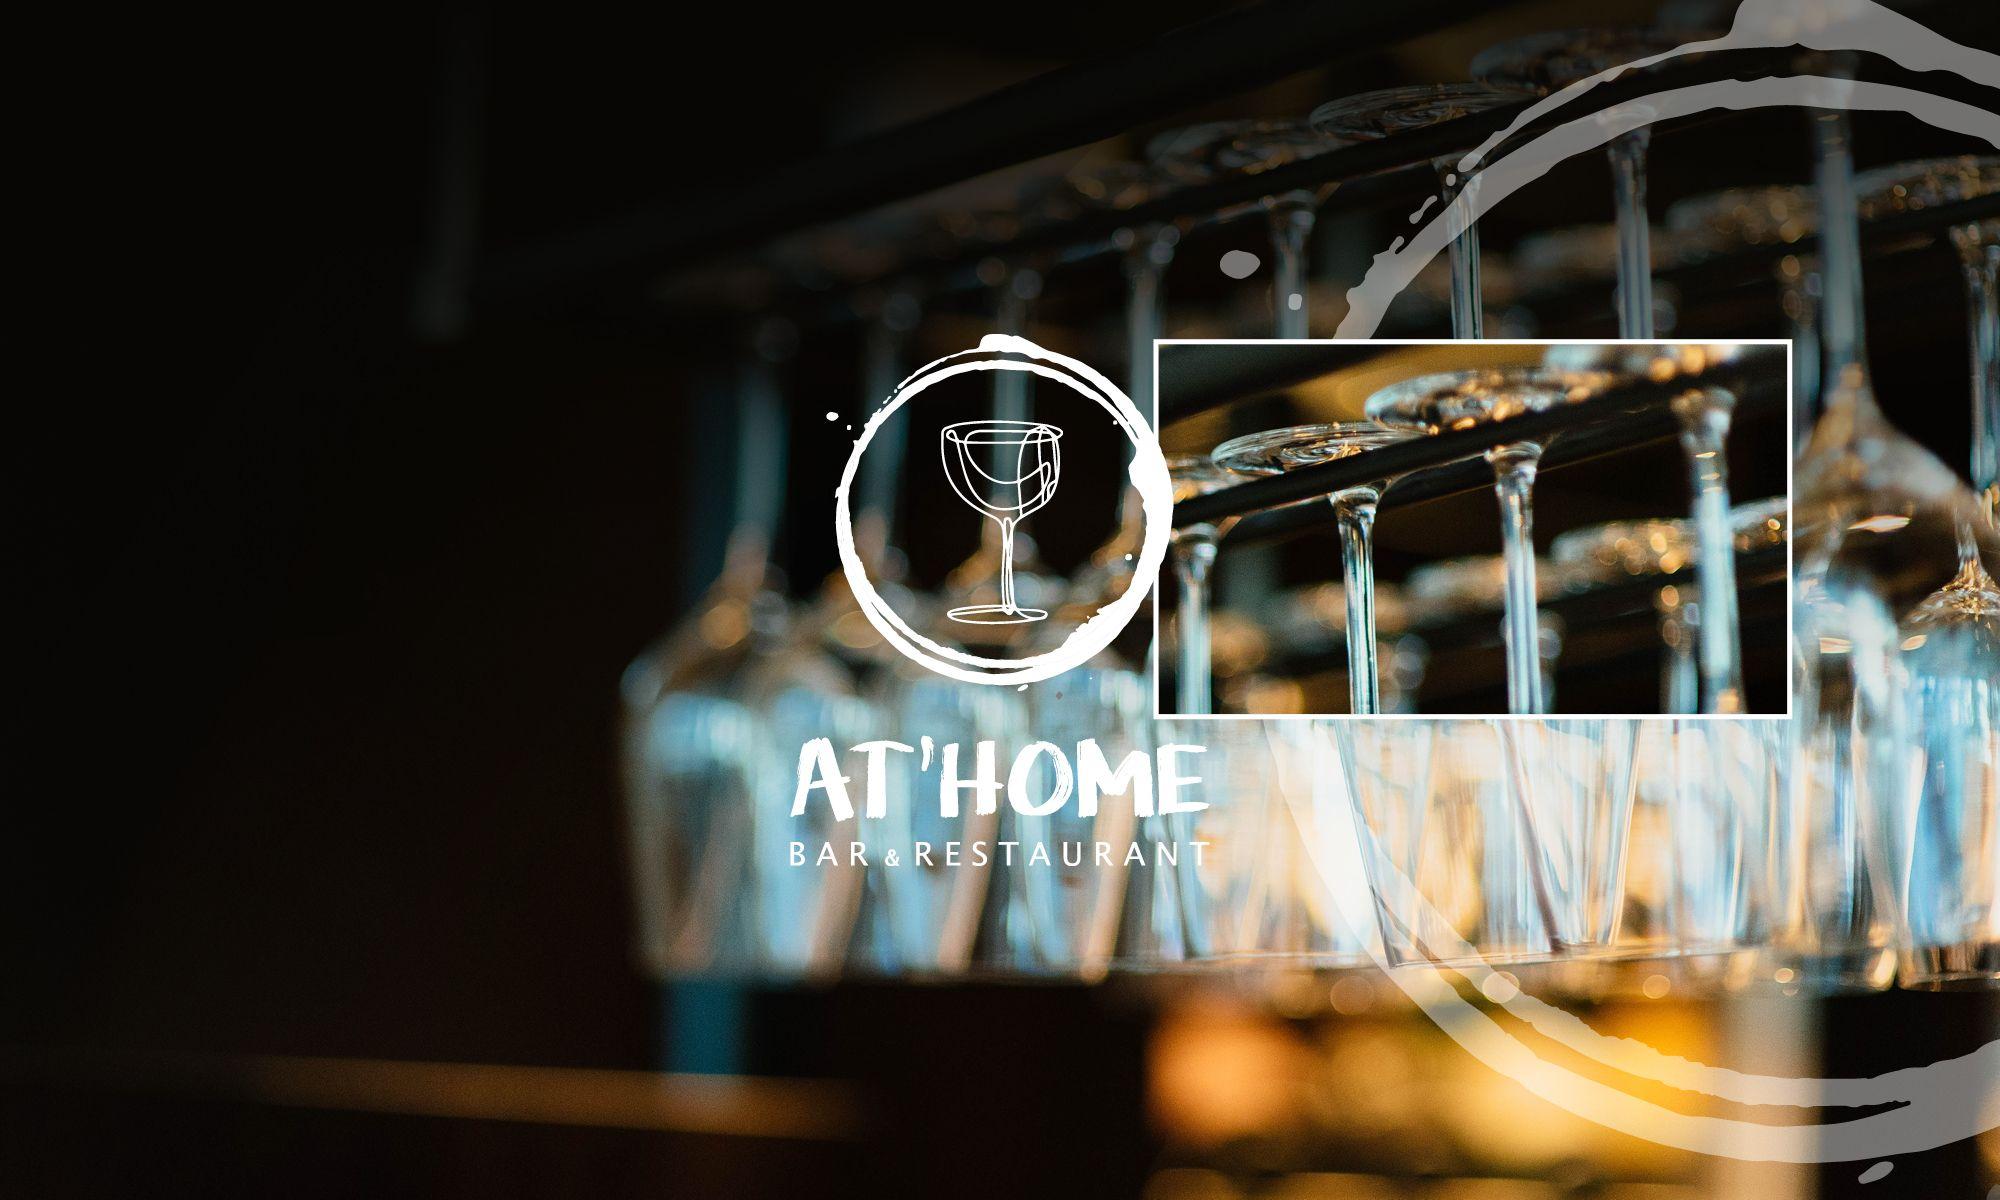 At'home